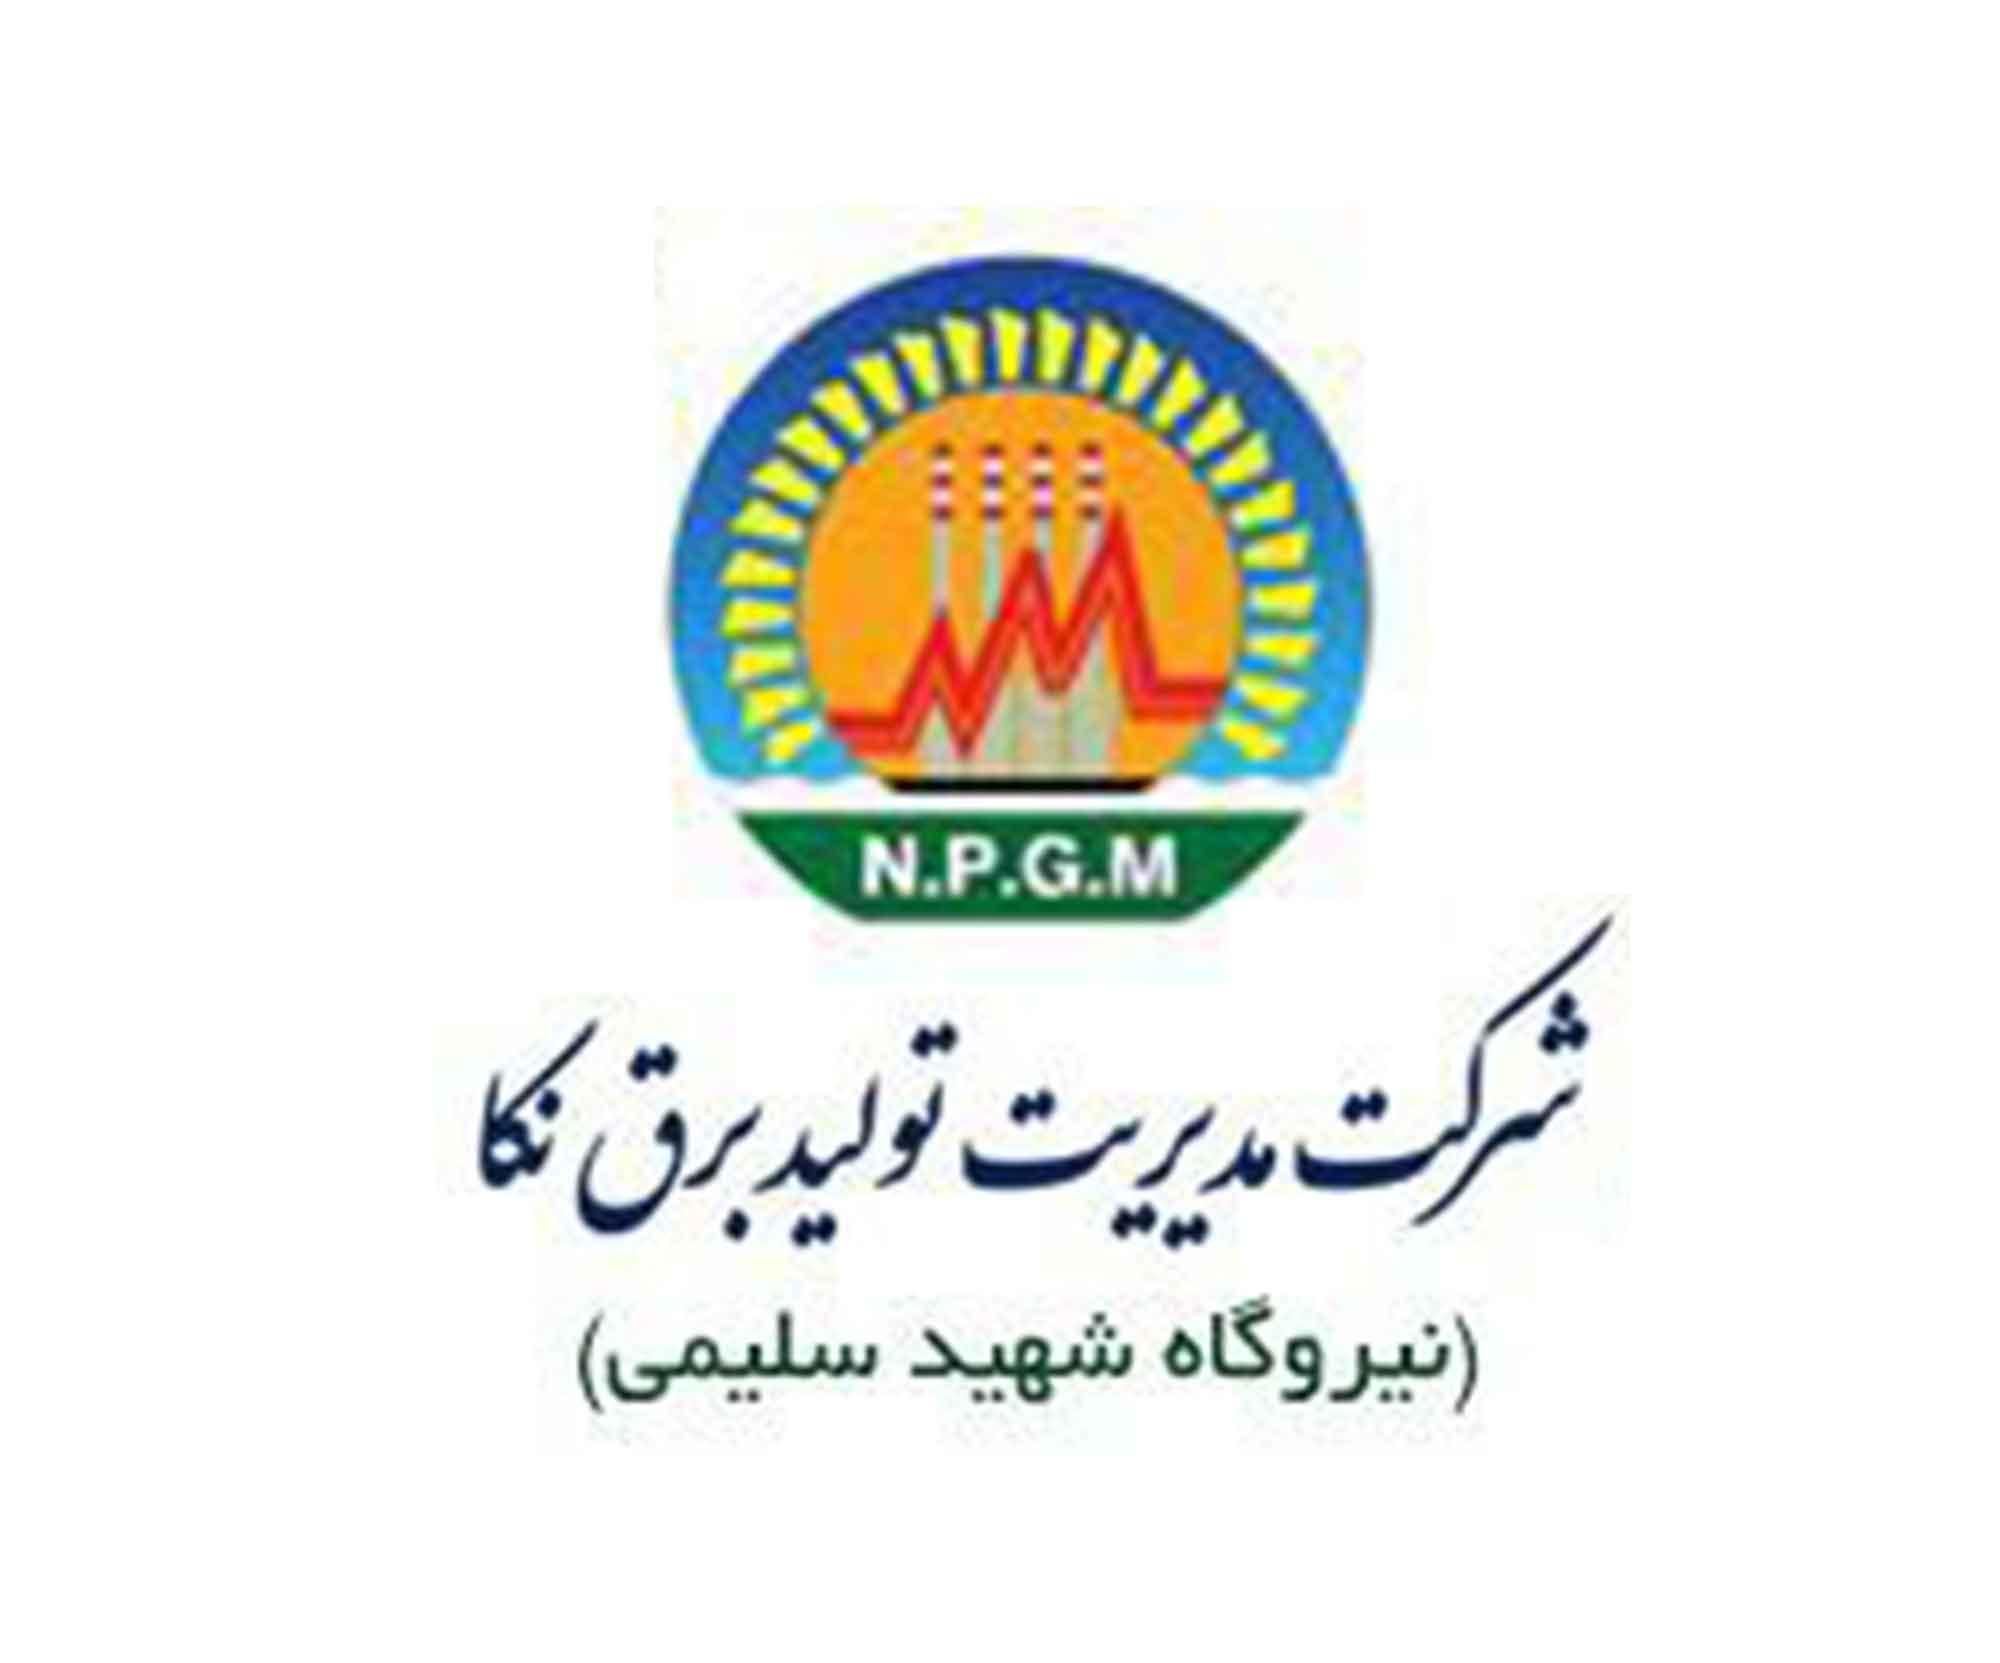 مدیریت برق نکا (نیروگاه شهید سلیمی)